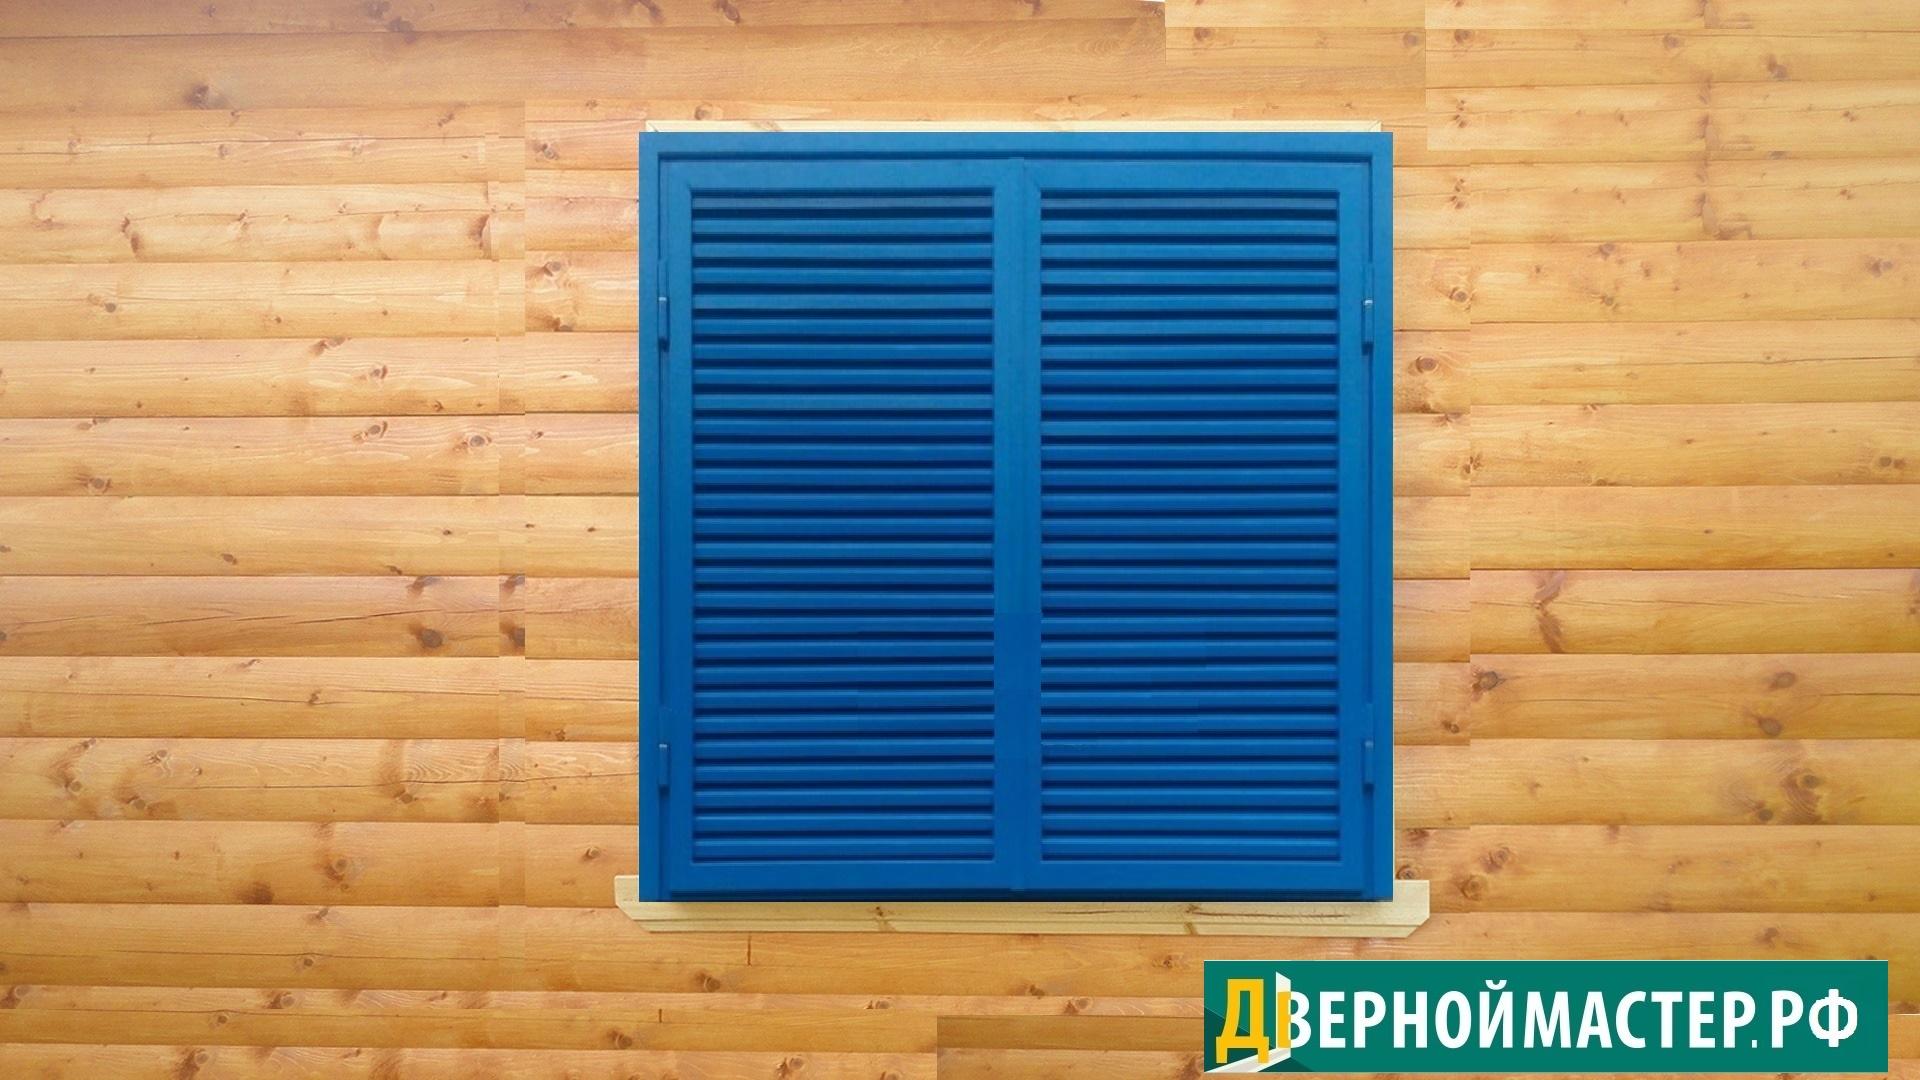 Ставни жалюзи синего цвета на деревянном доме с отделкой блокхаусом